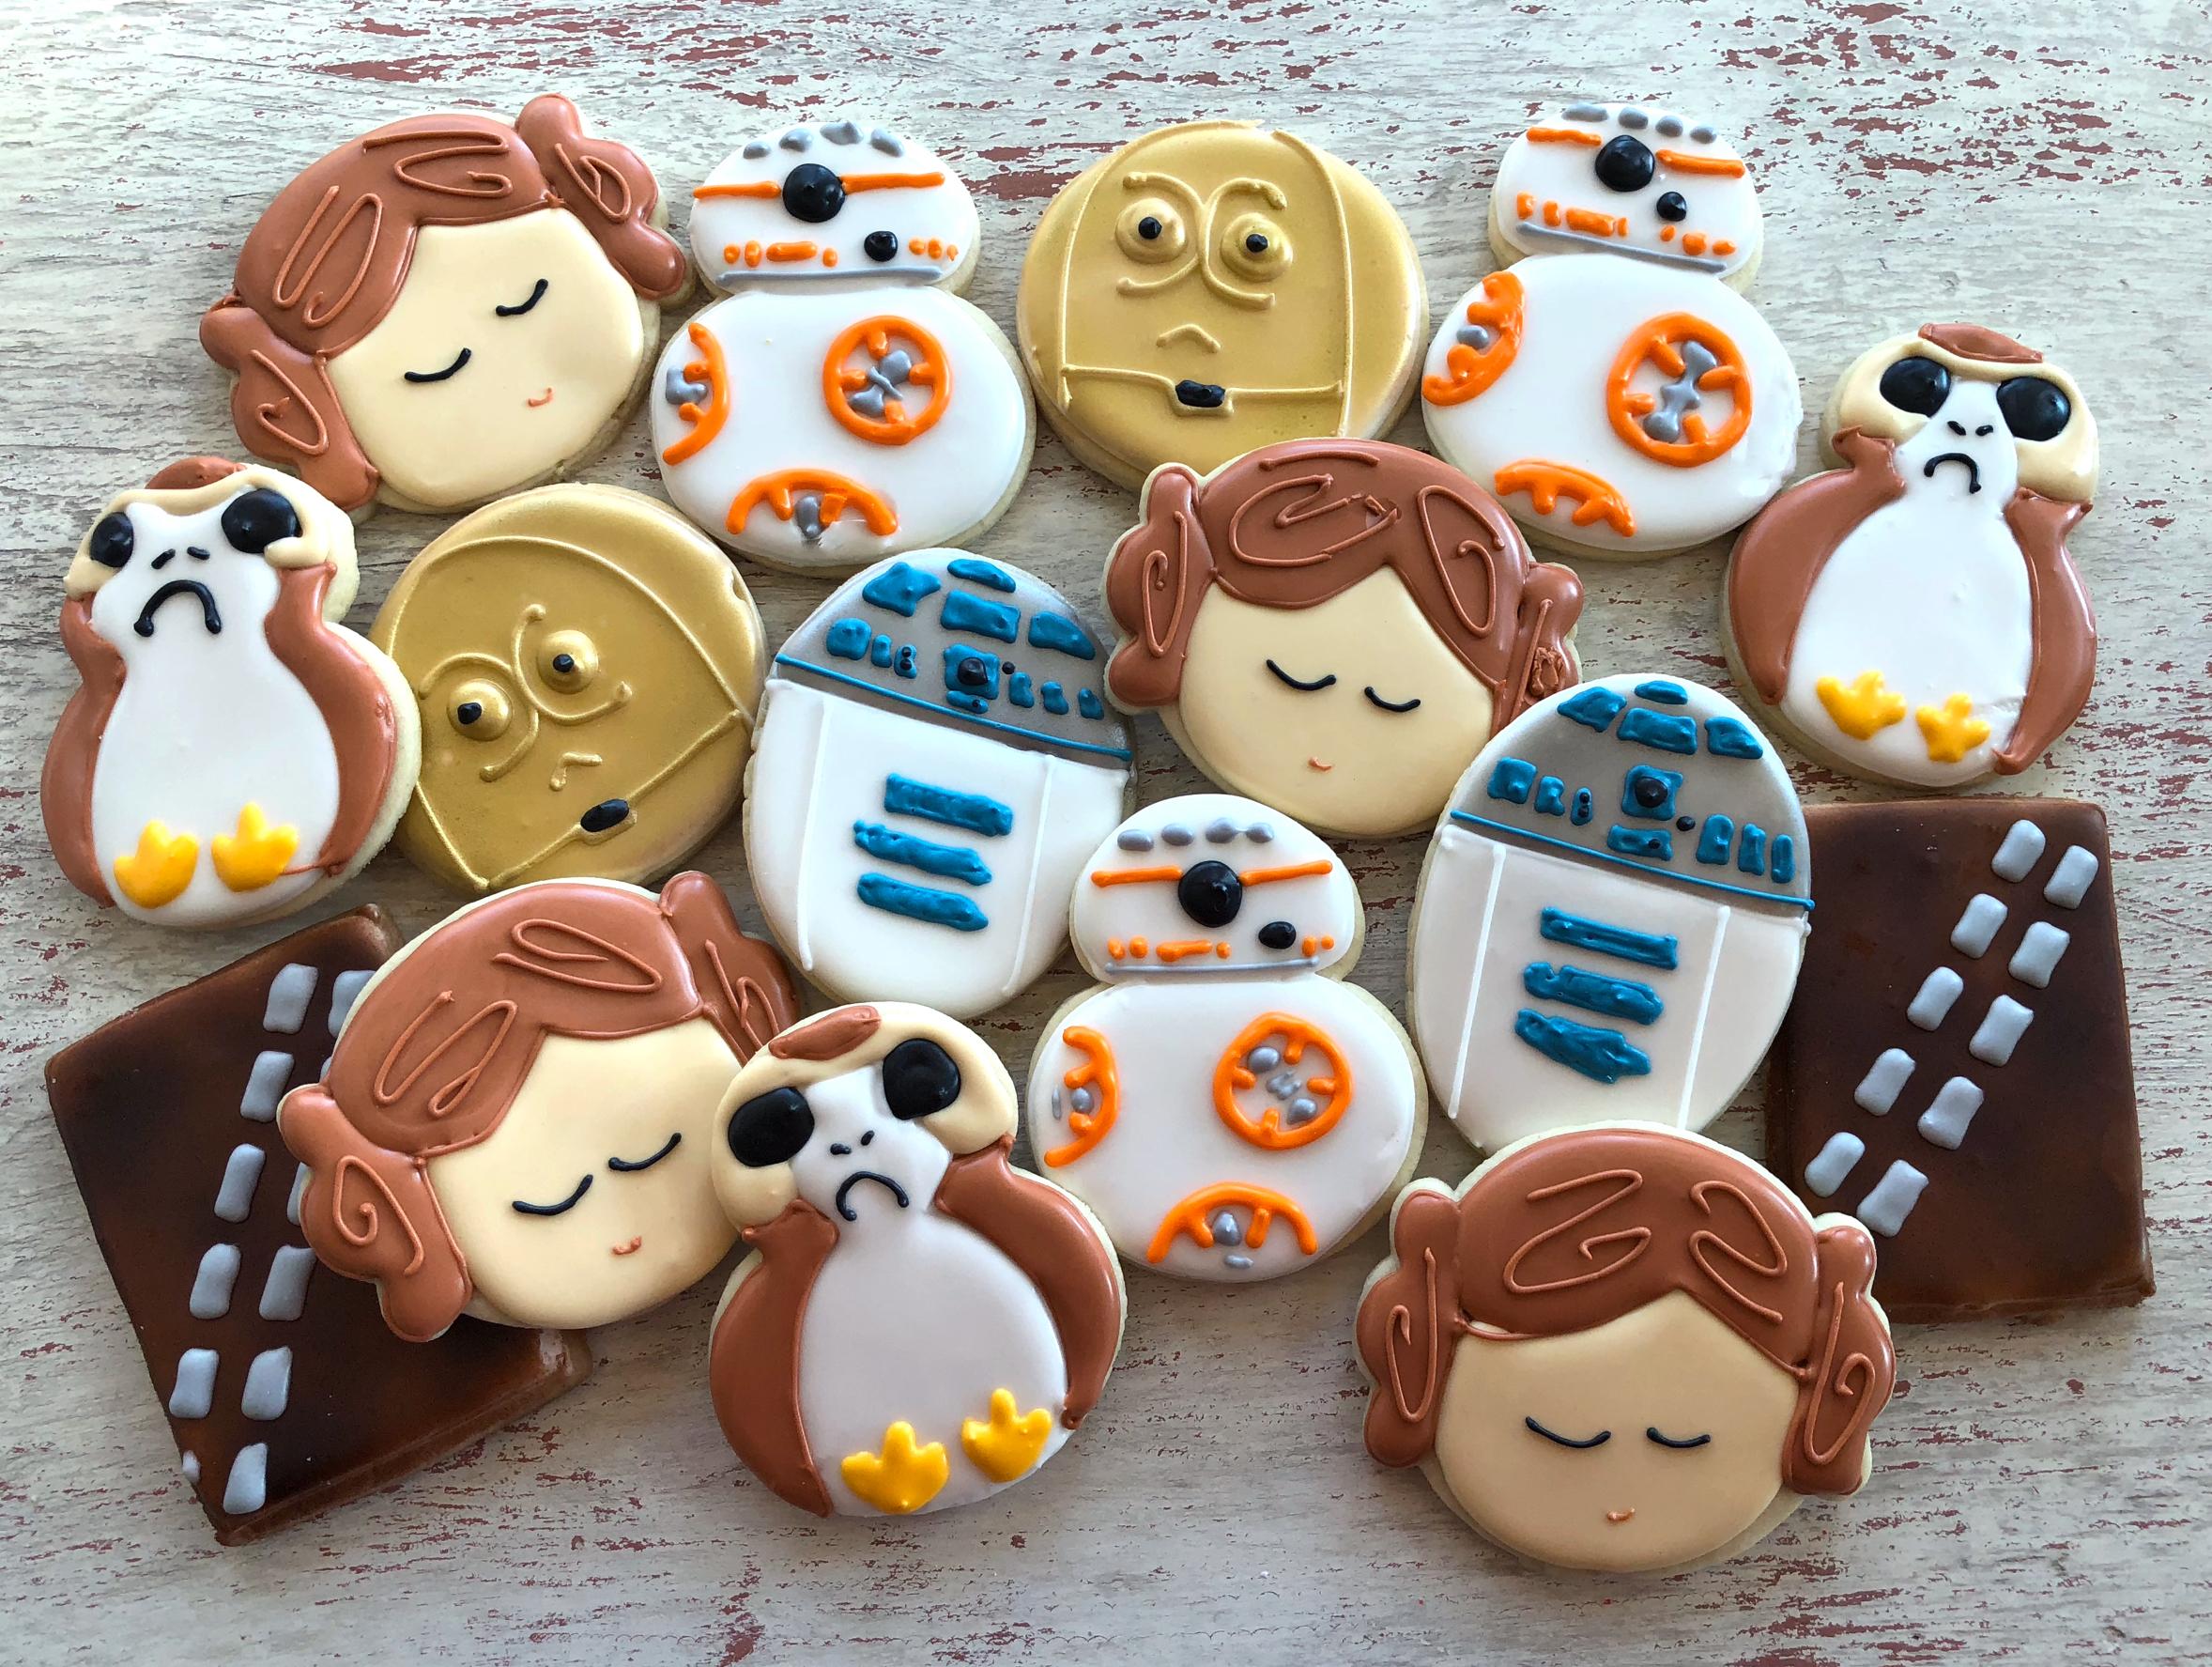 Star Wars Cookies The Last Jedi